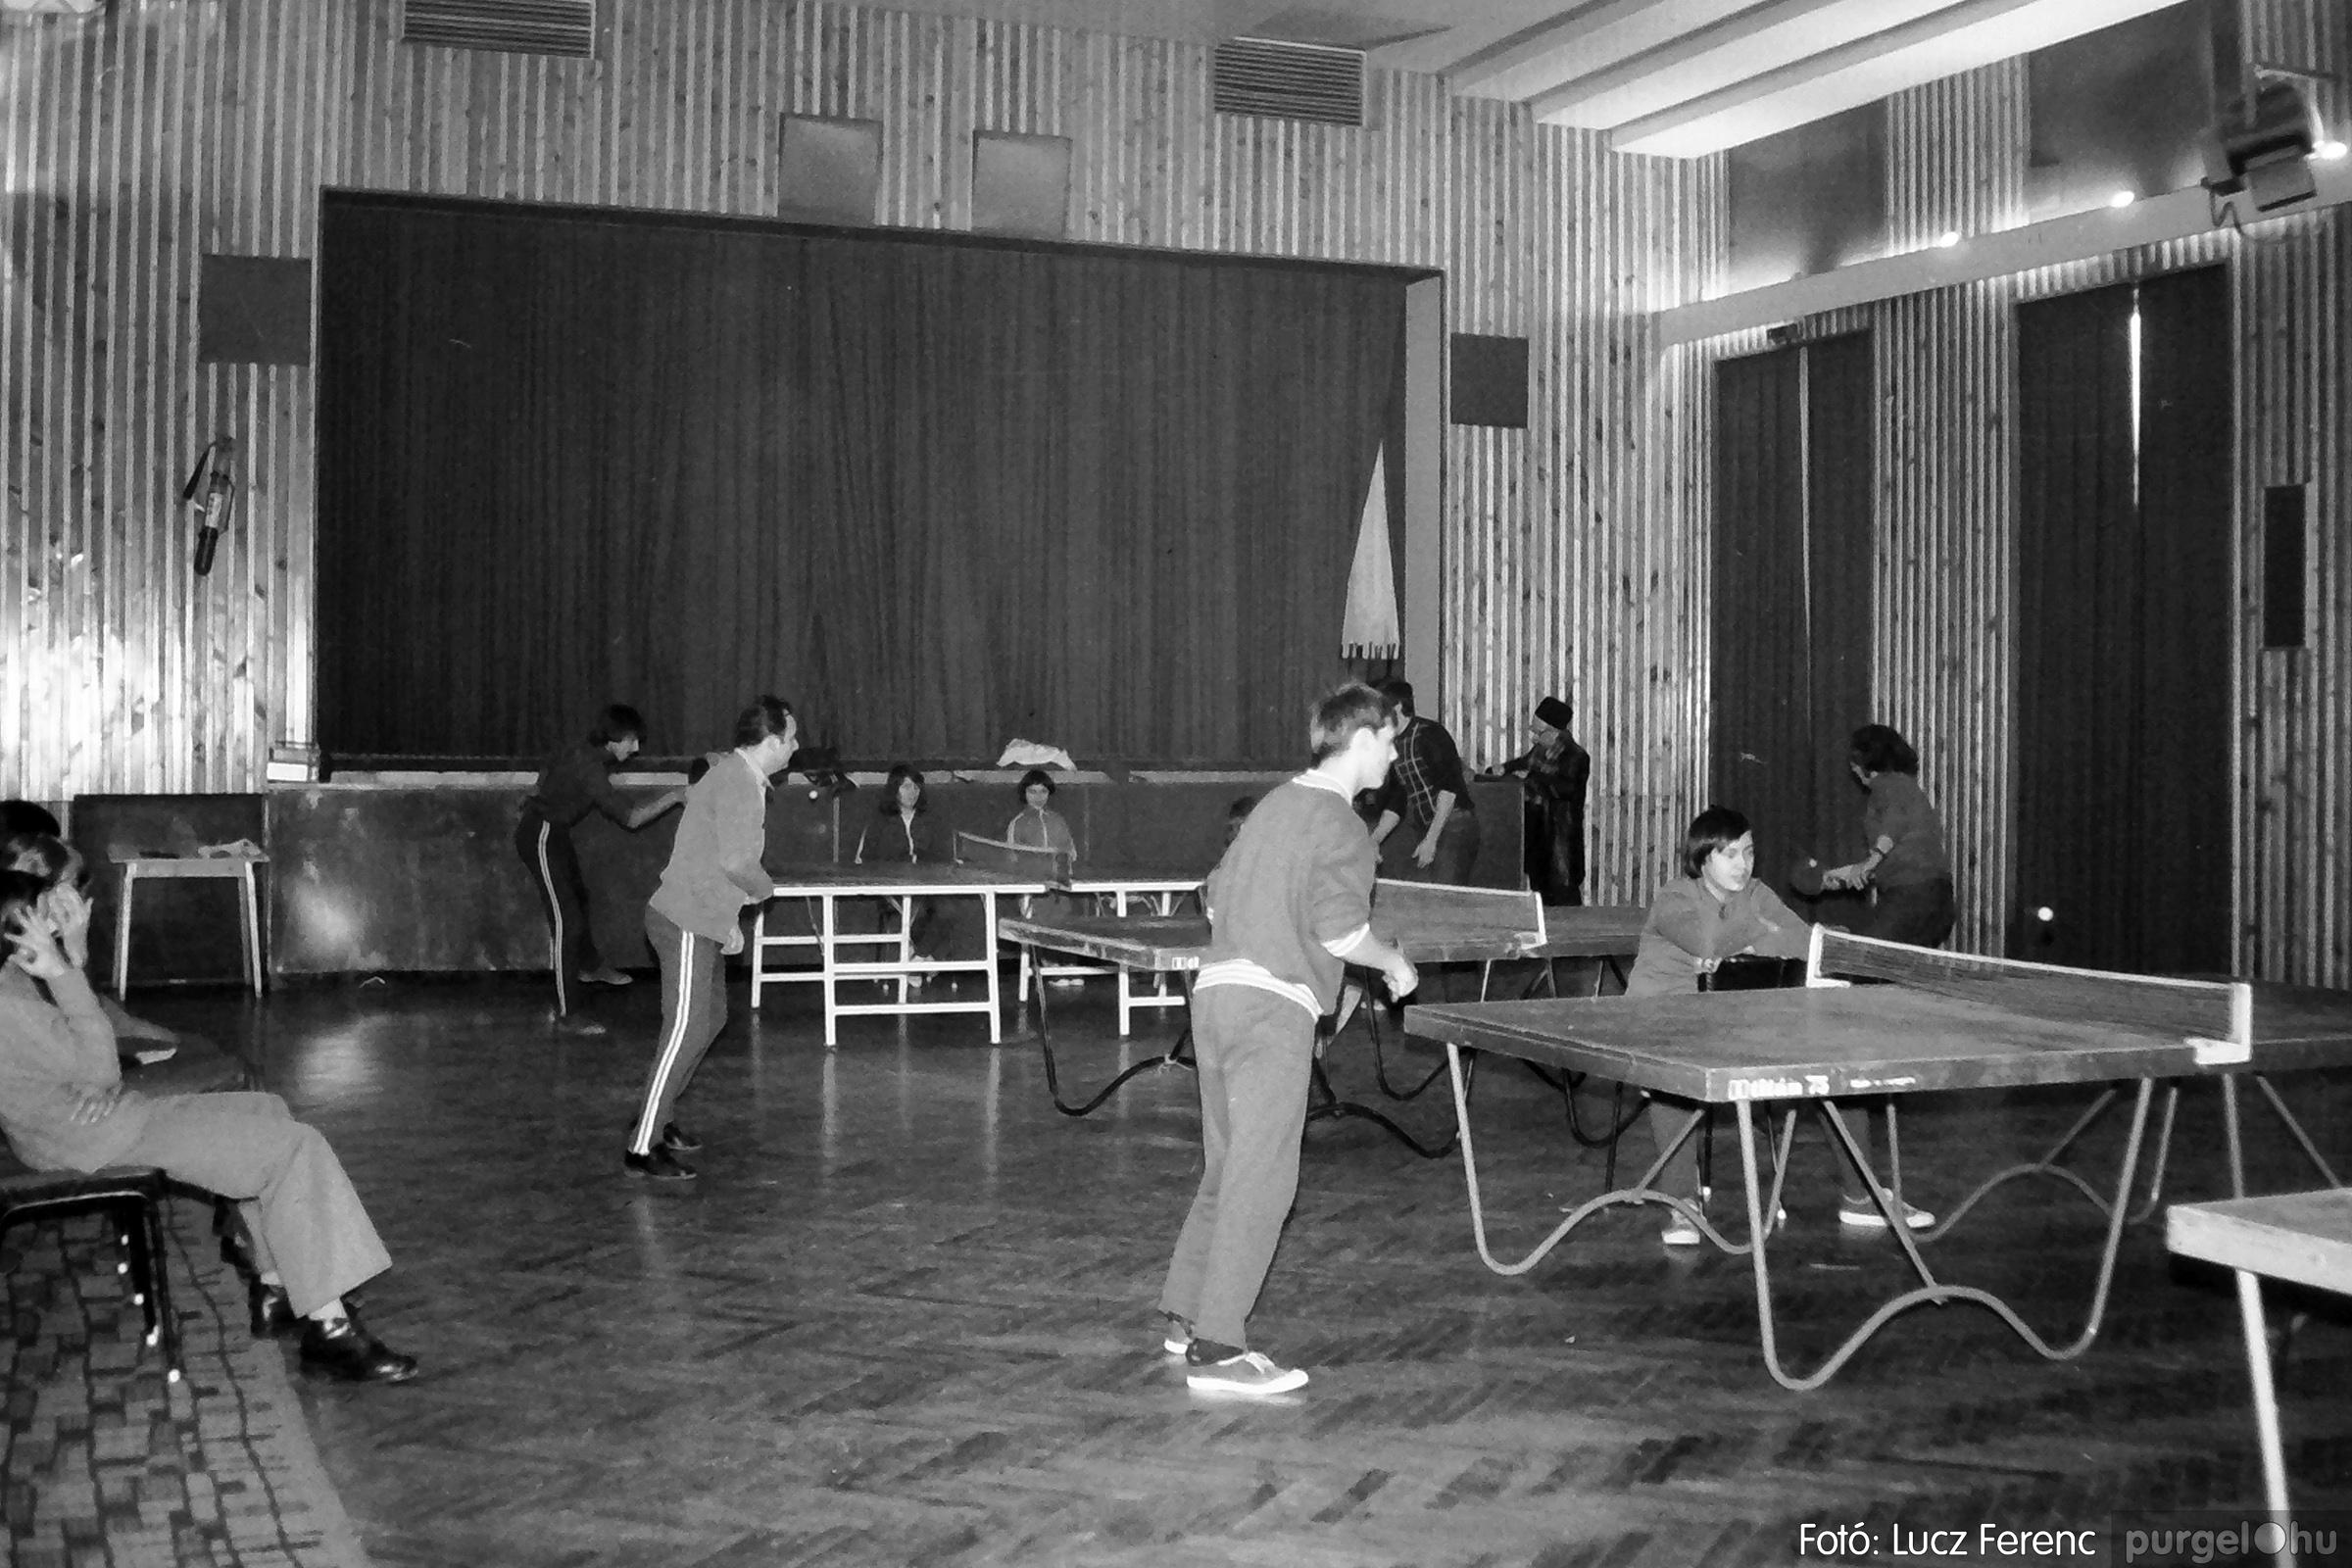 100. 1978. Asztaltenisz verseny 002. - Fotó: Lucz Ferenc.jpg